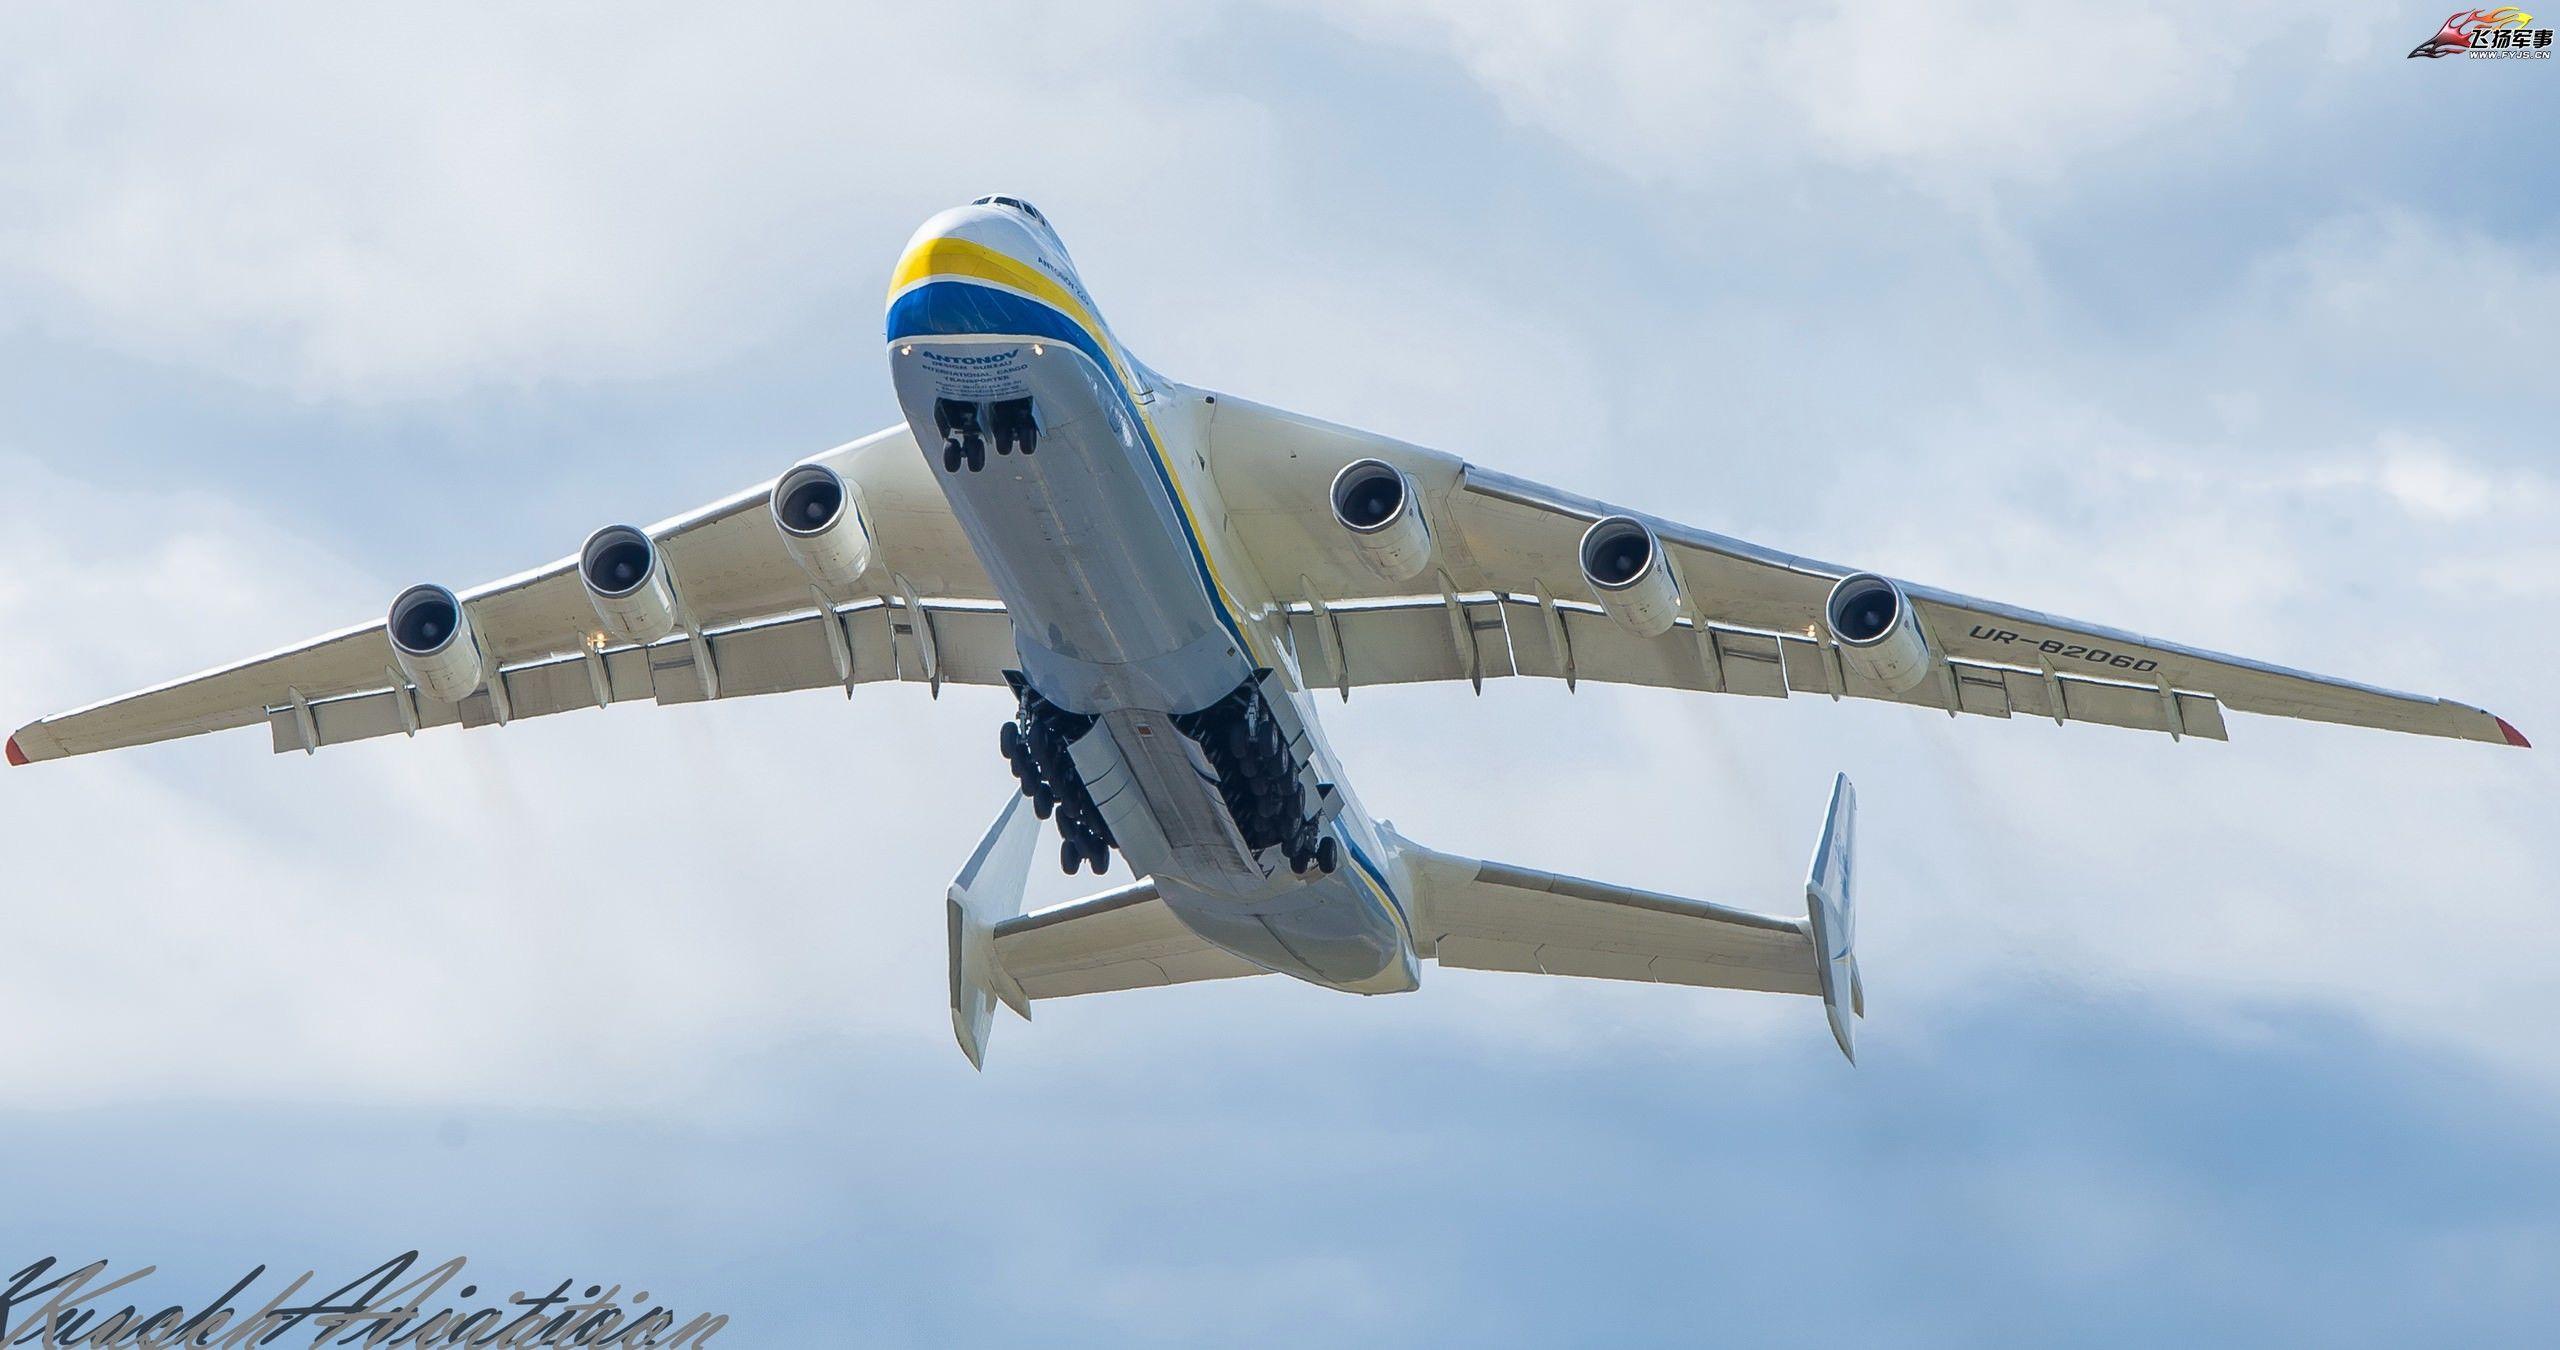 世界上最大的运输机安-225有多大?